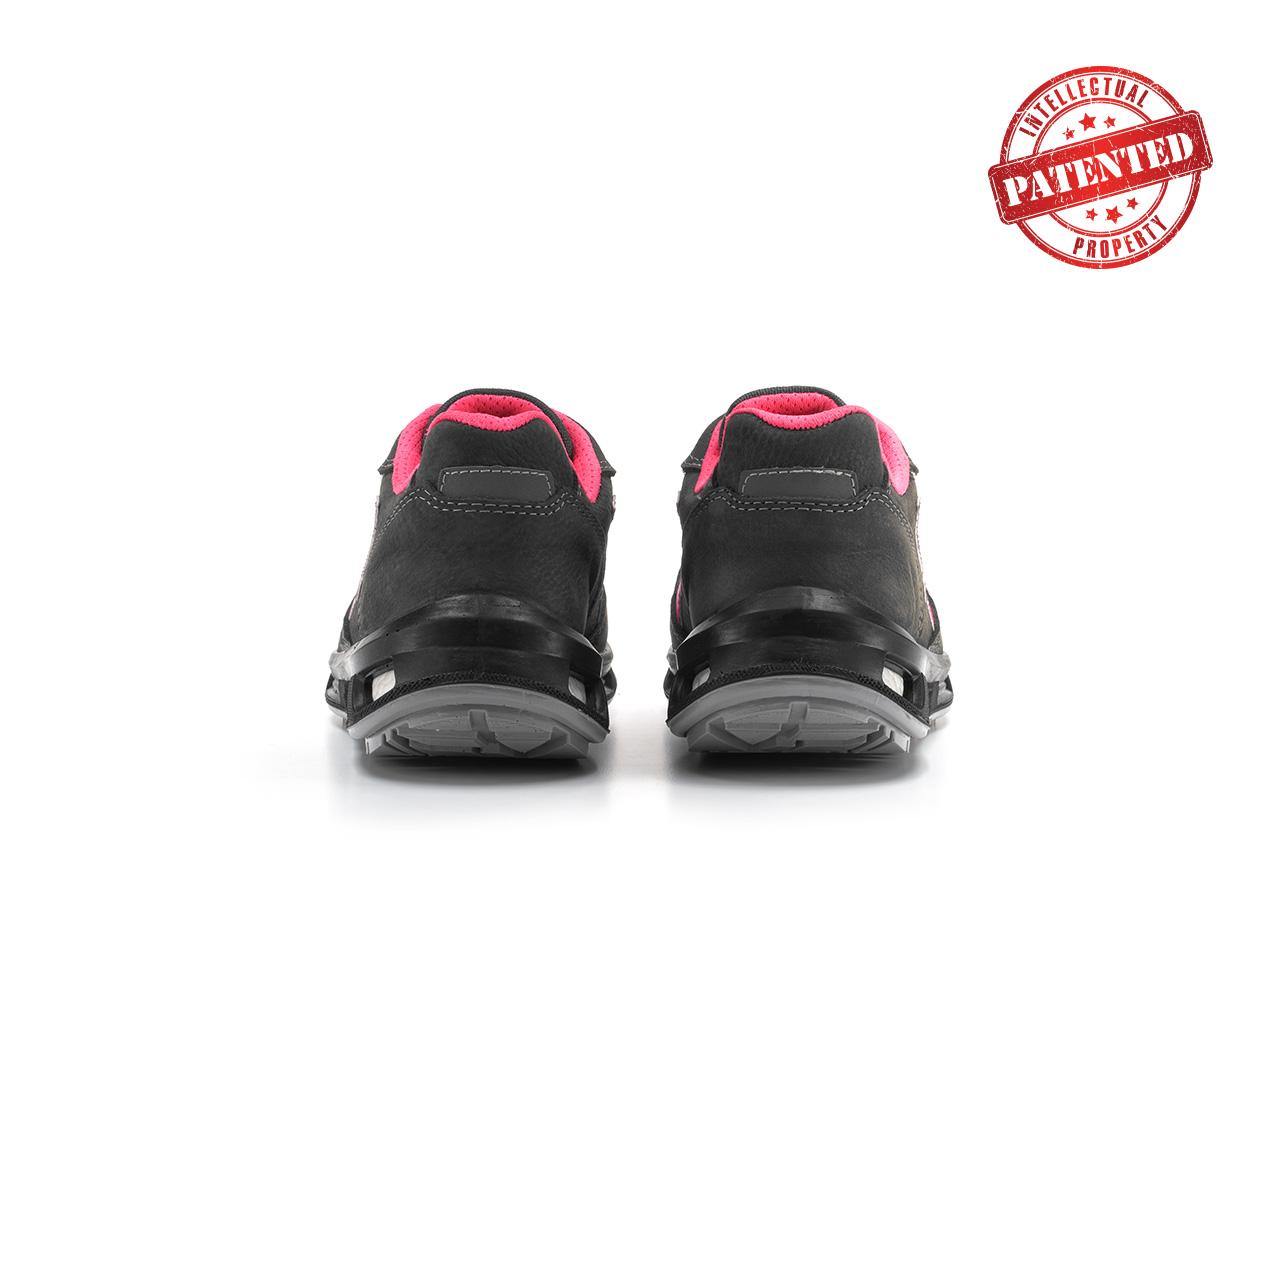 paio di scarpe antinfortunistiche upower modello candy linea redlion vista retro